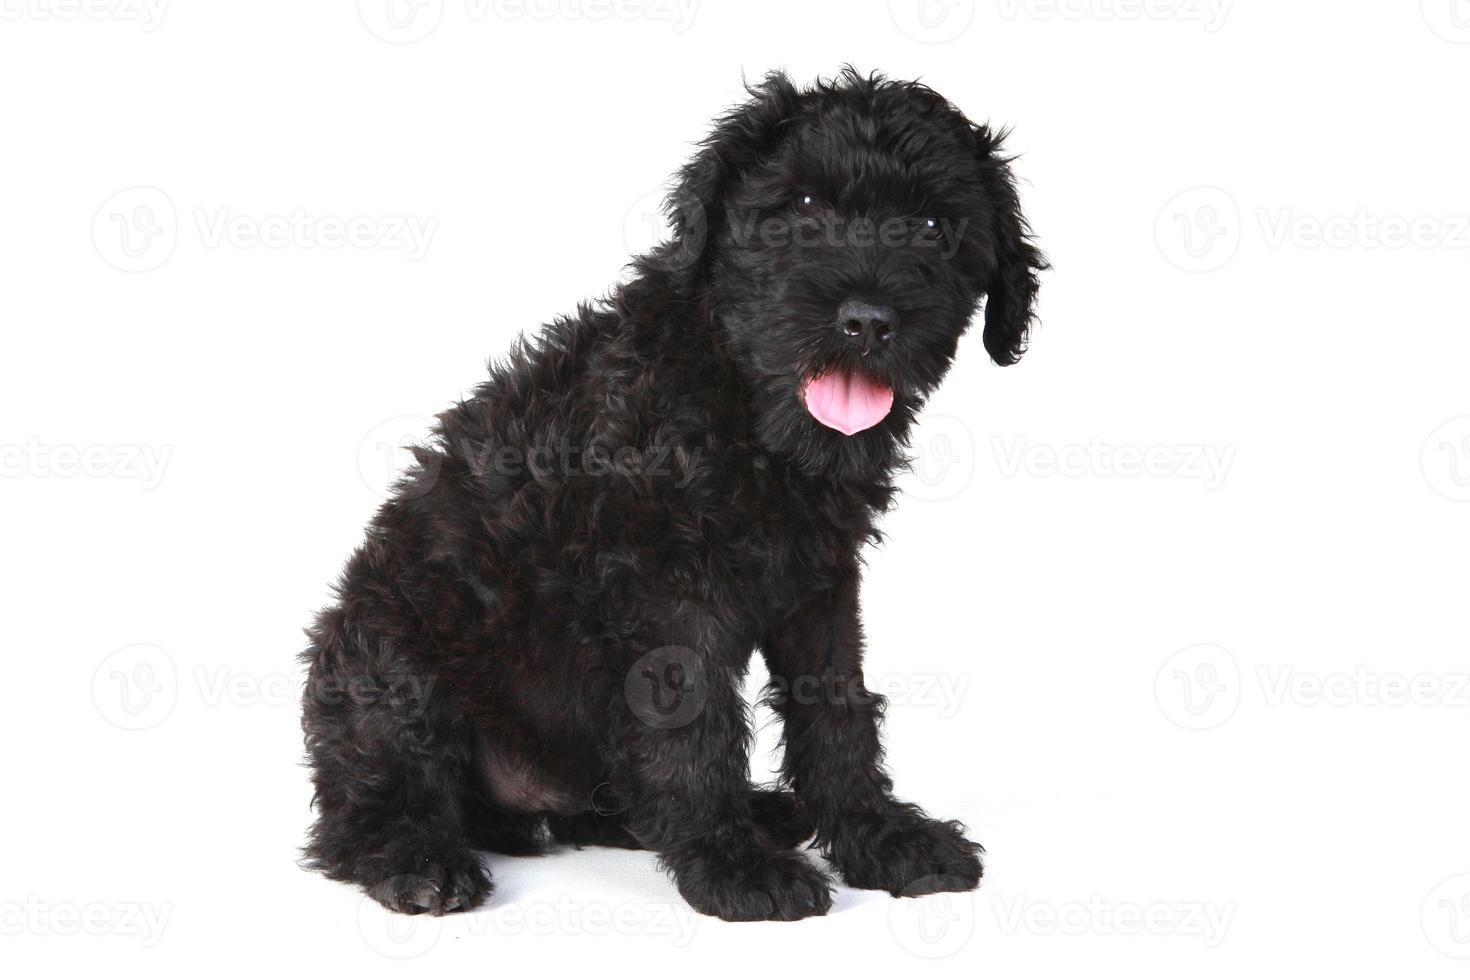 Lindo perrito terrier ruso negro sobre fondo blanco. foto